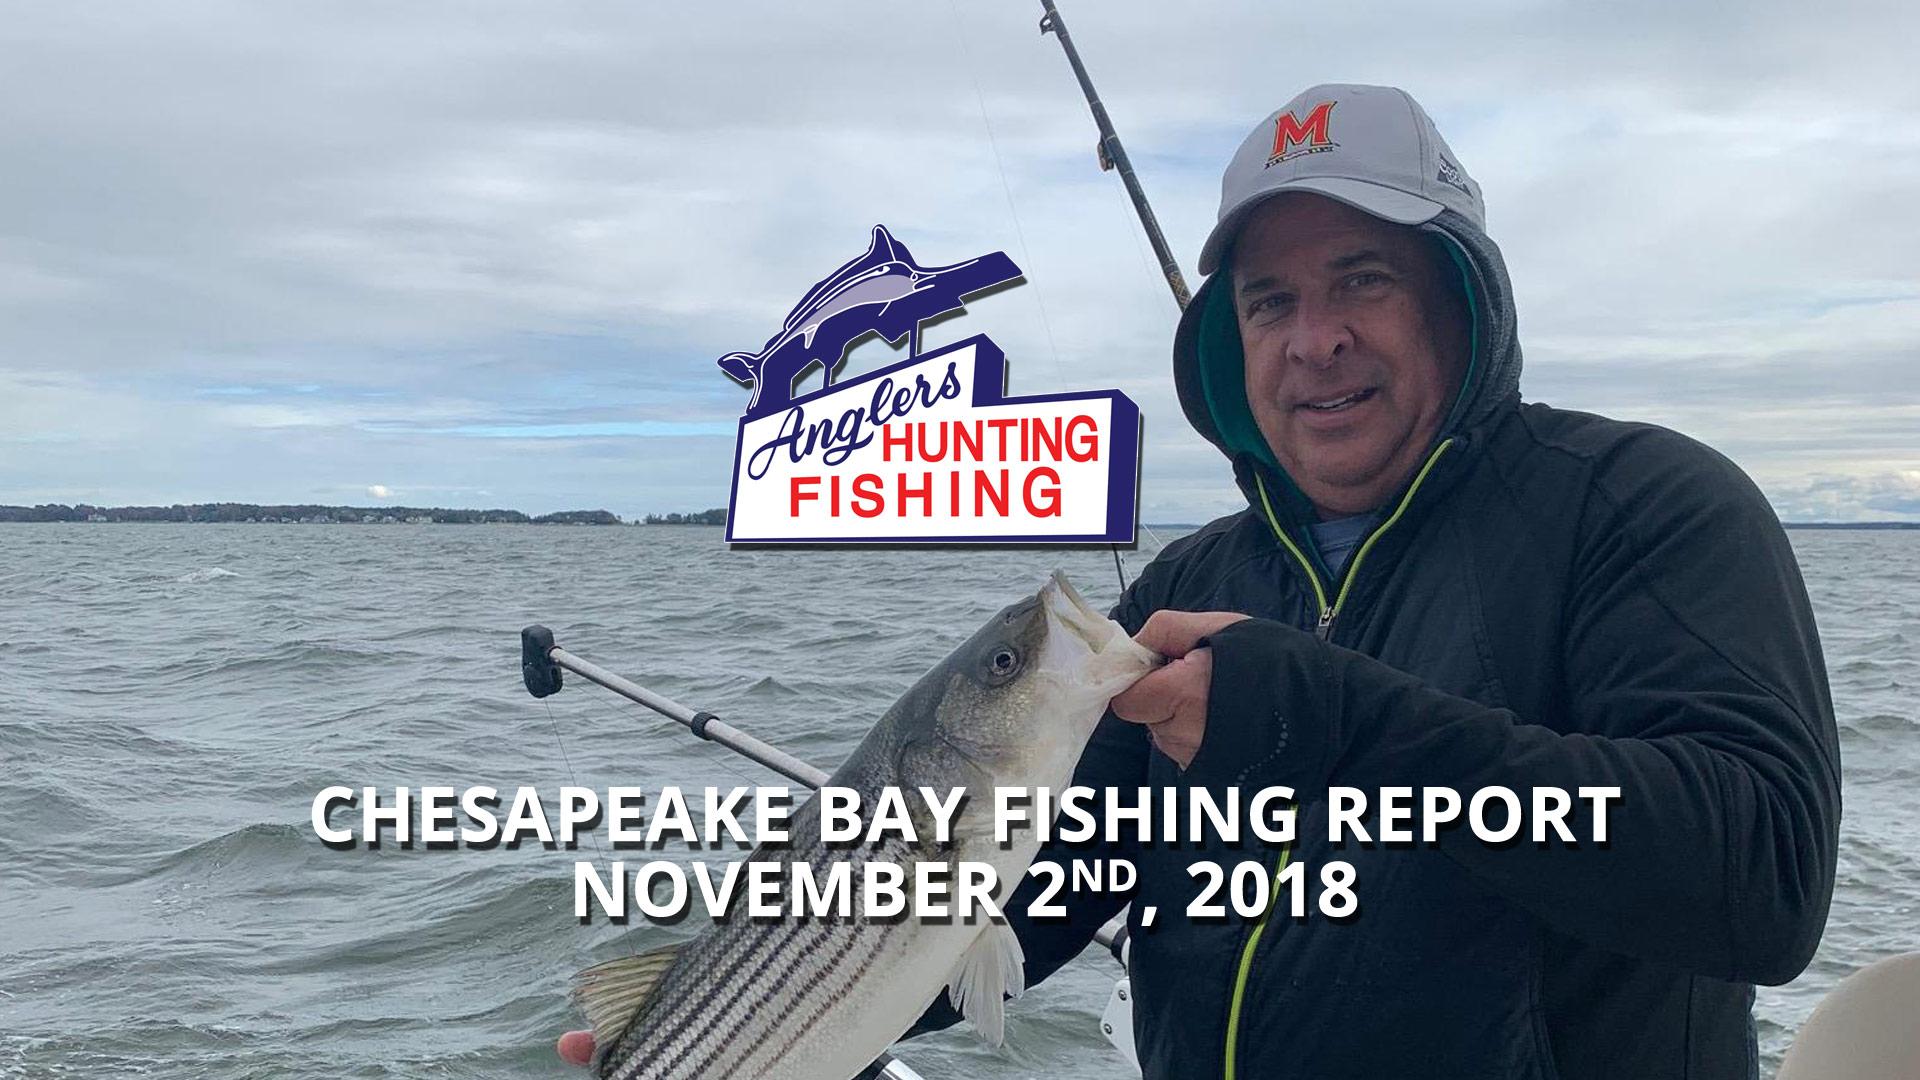 Chesapeake Bay Fishing Report - November 2nd, 2018